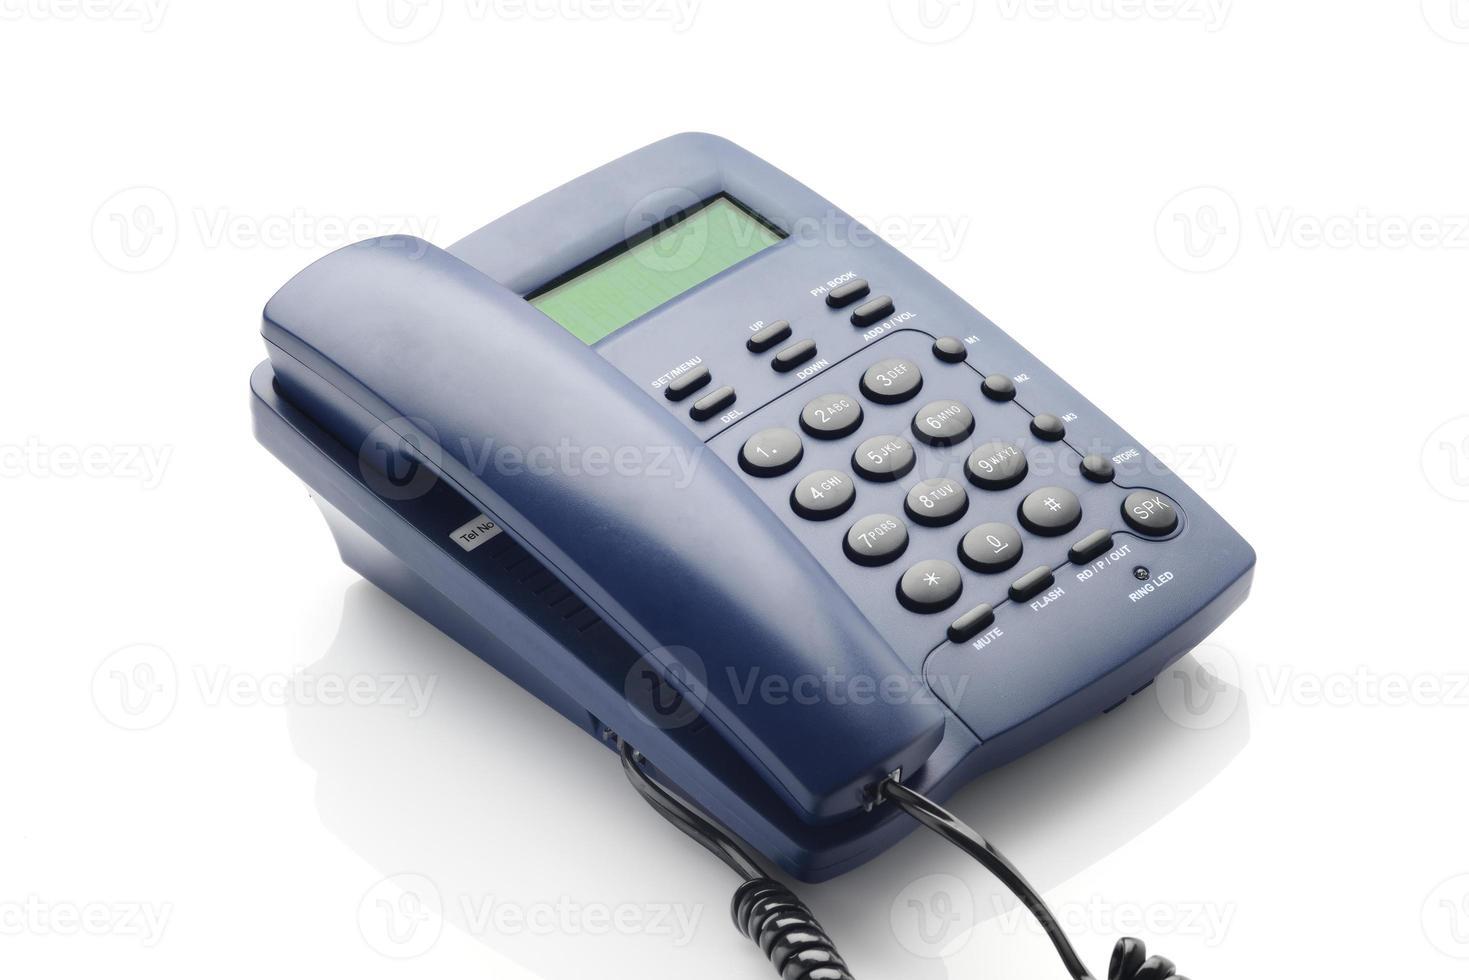 téléphone moderne avec panneau lcd de couleur bleue. photo